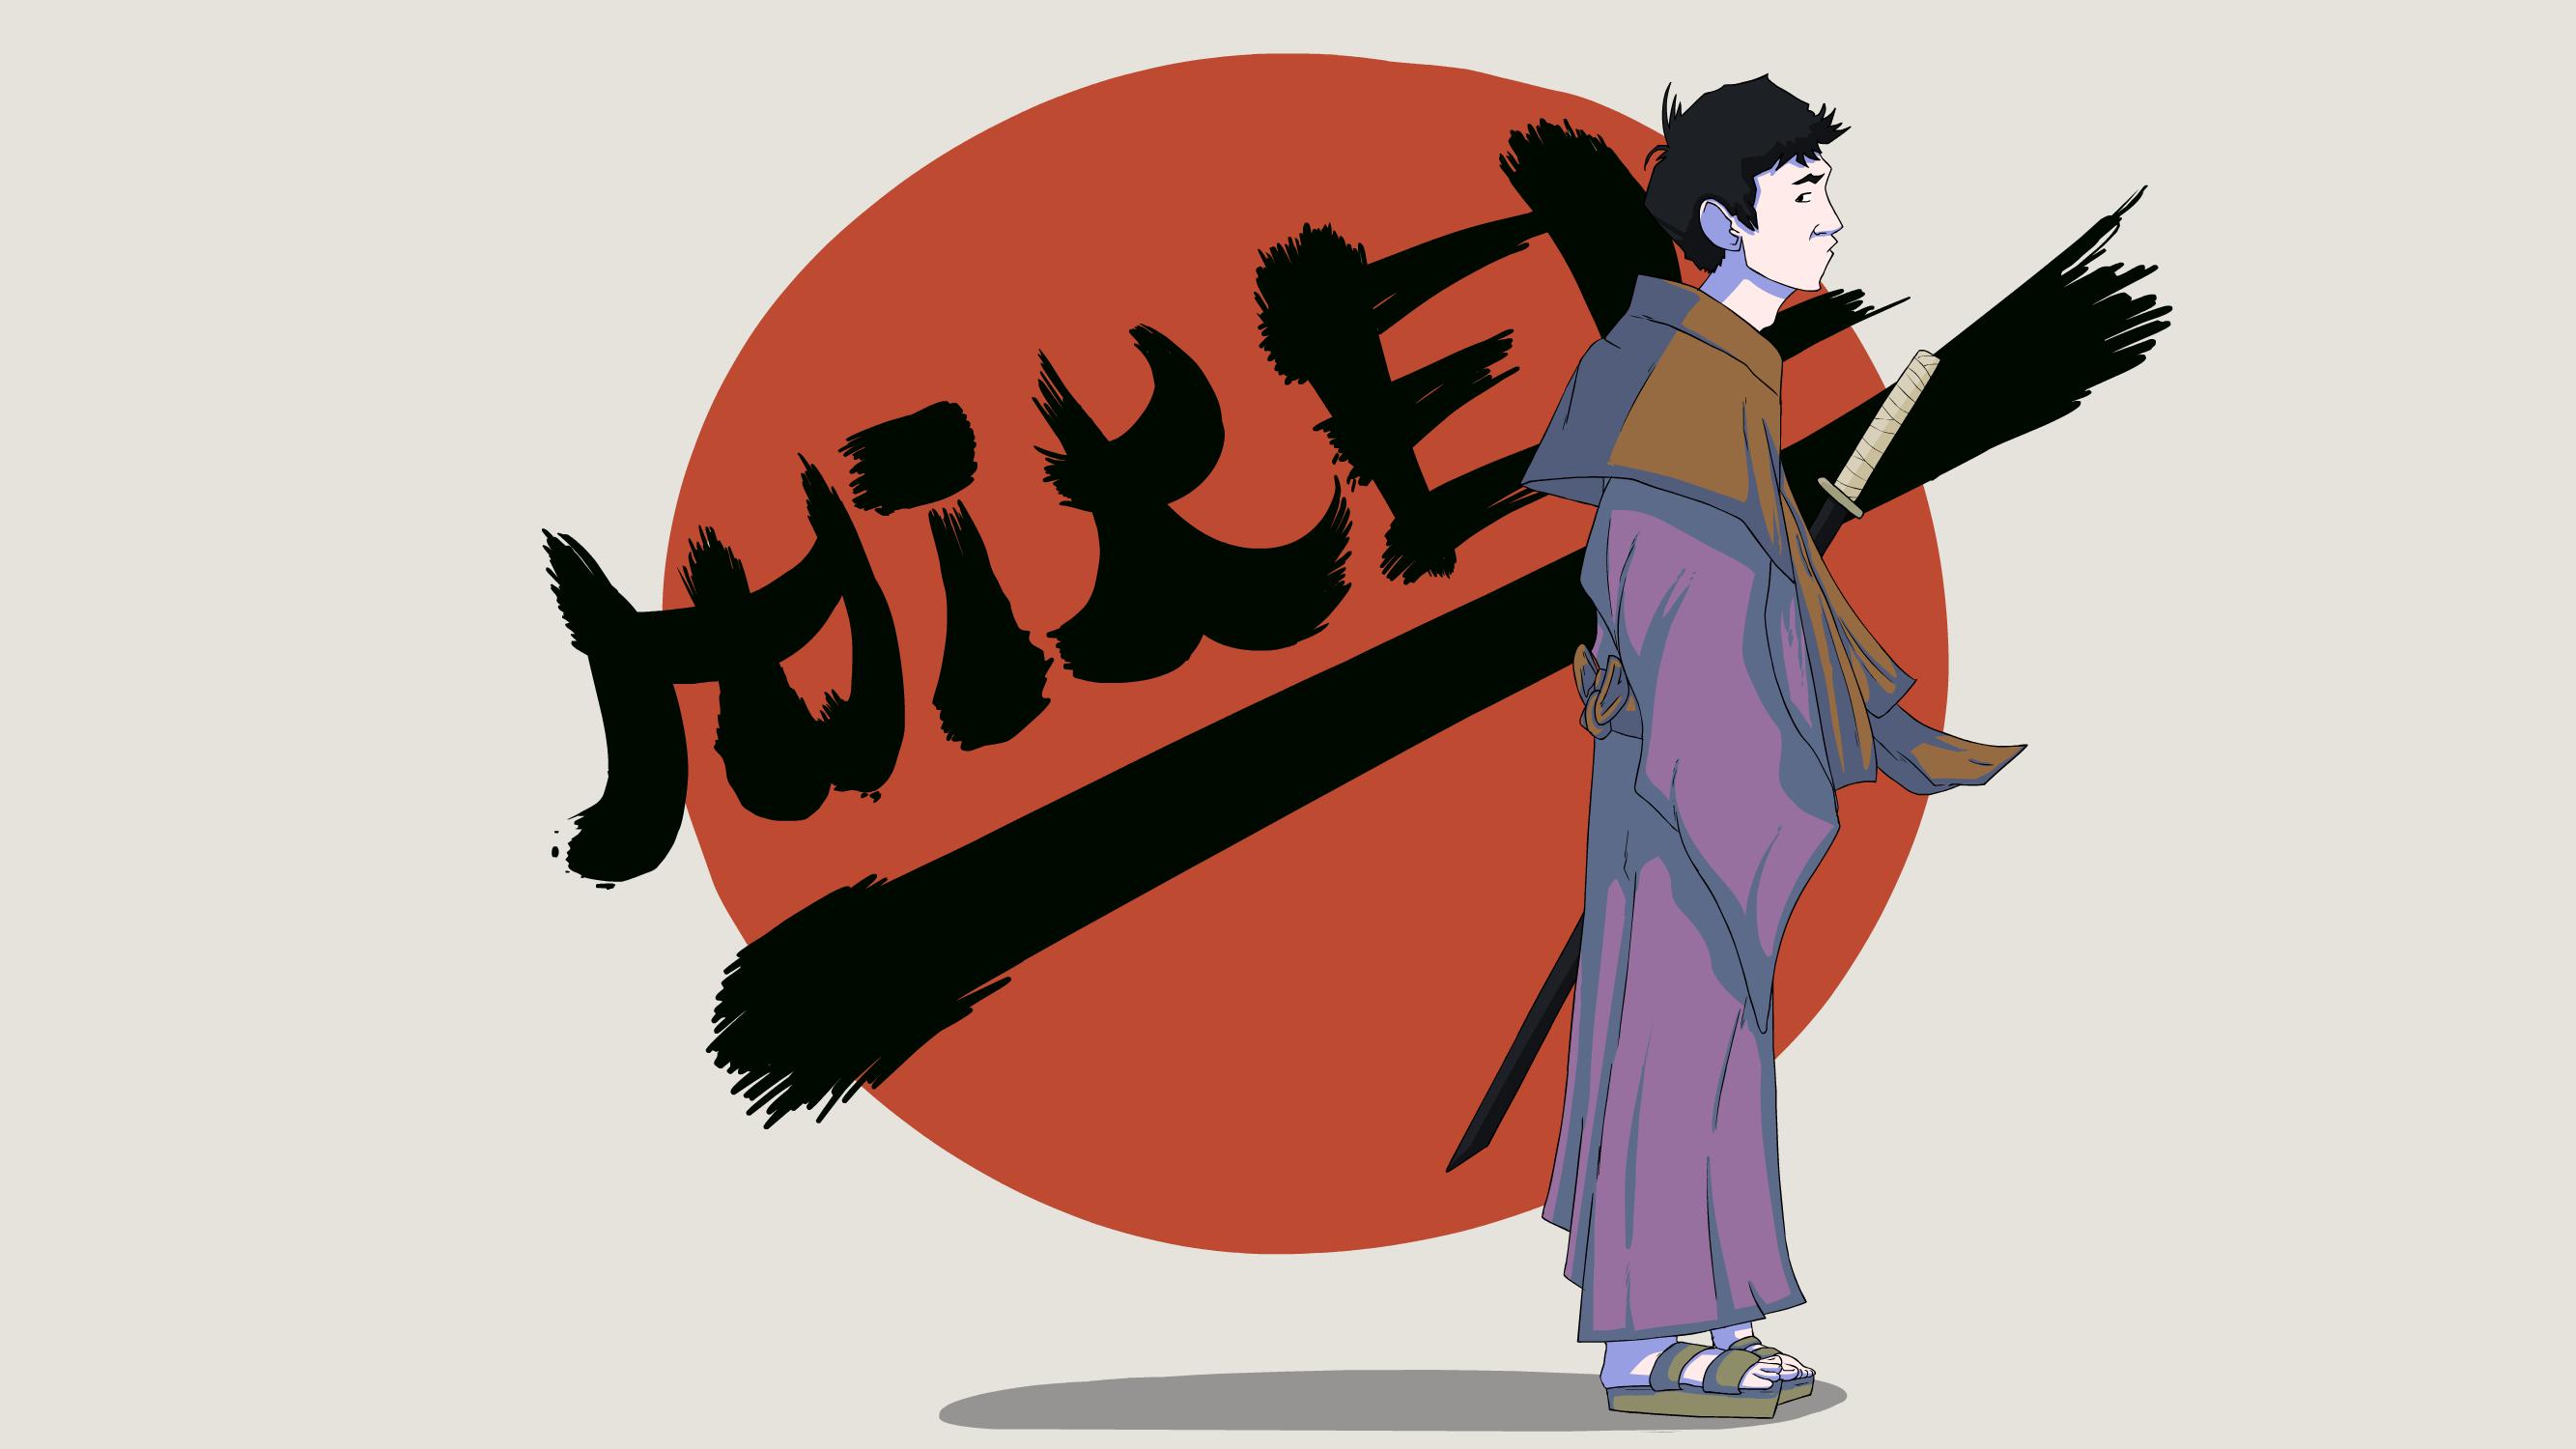 samurai mikel